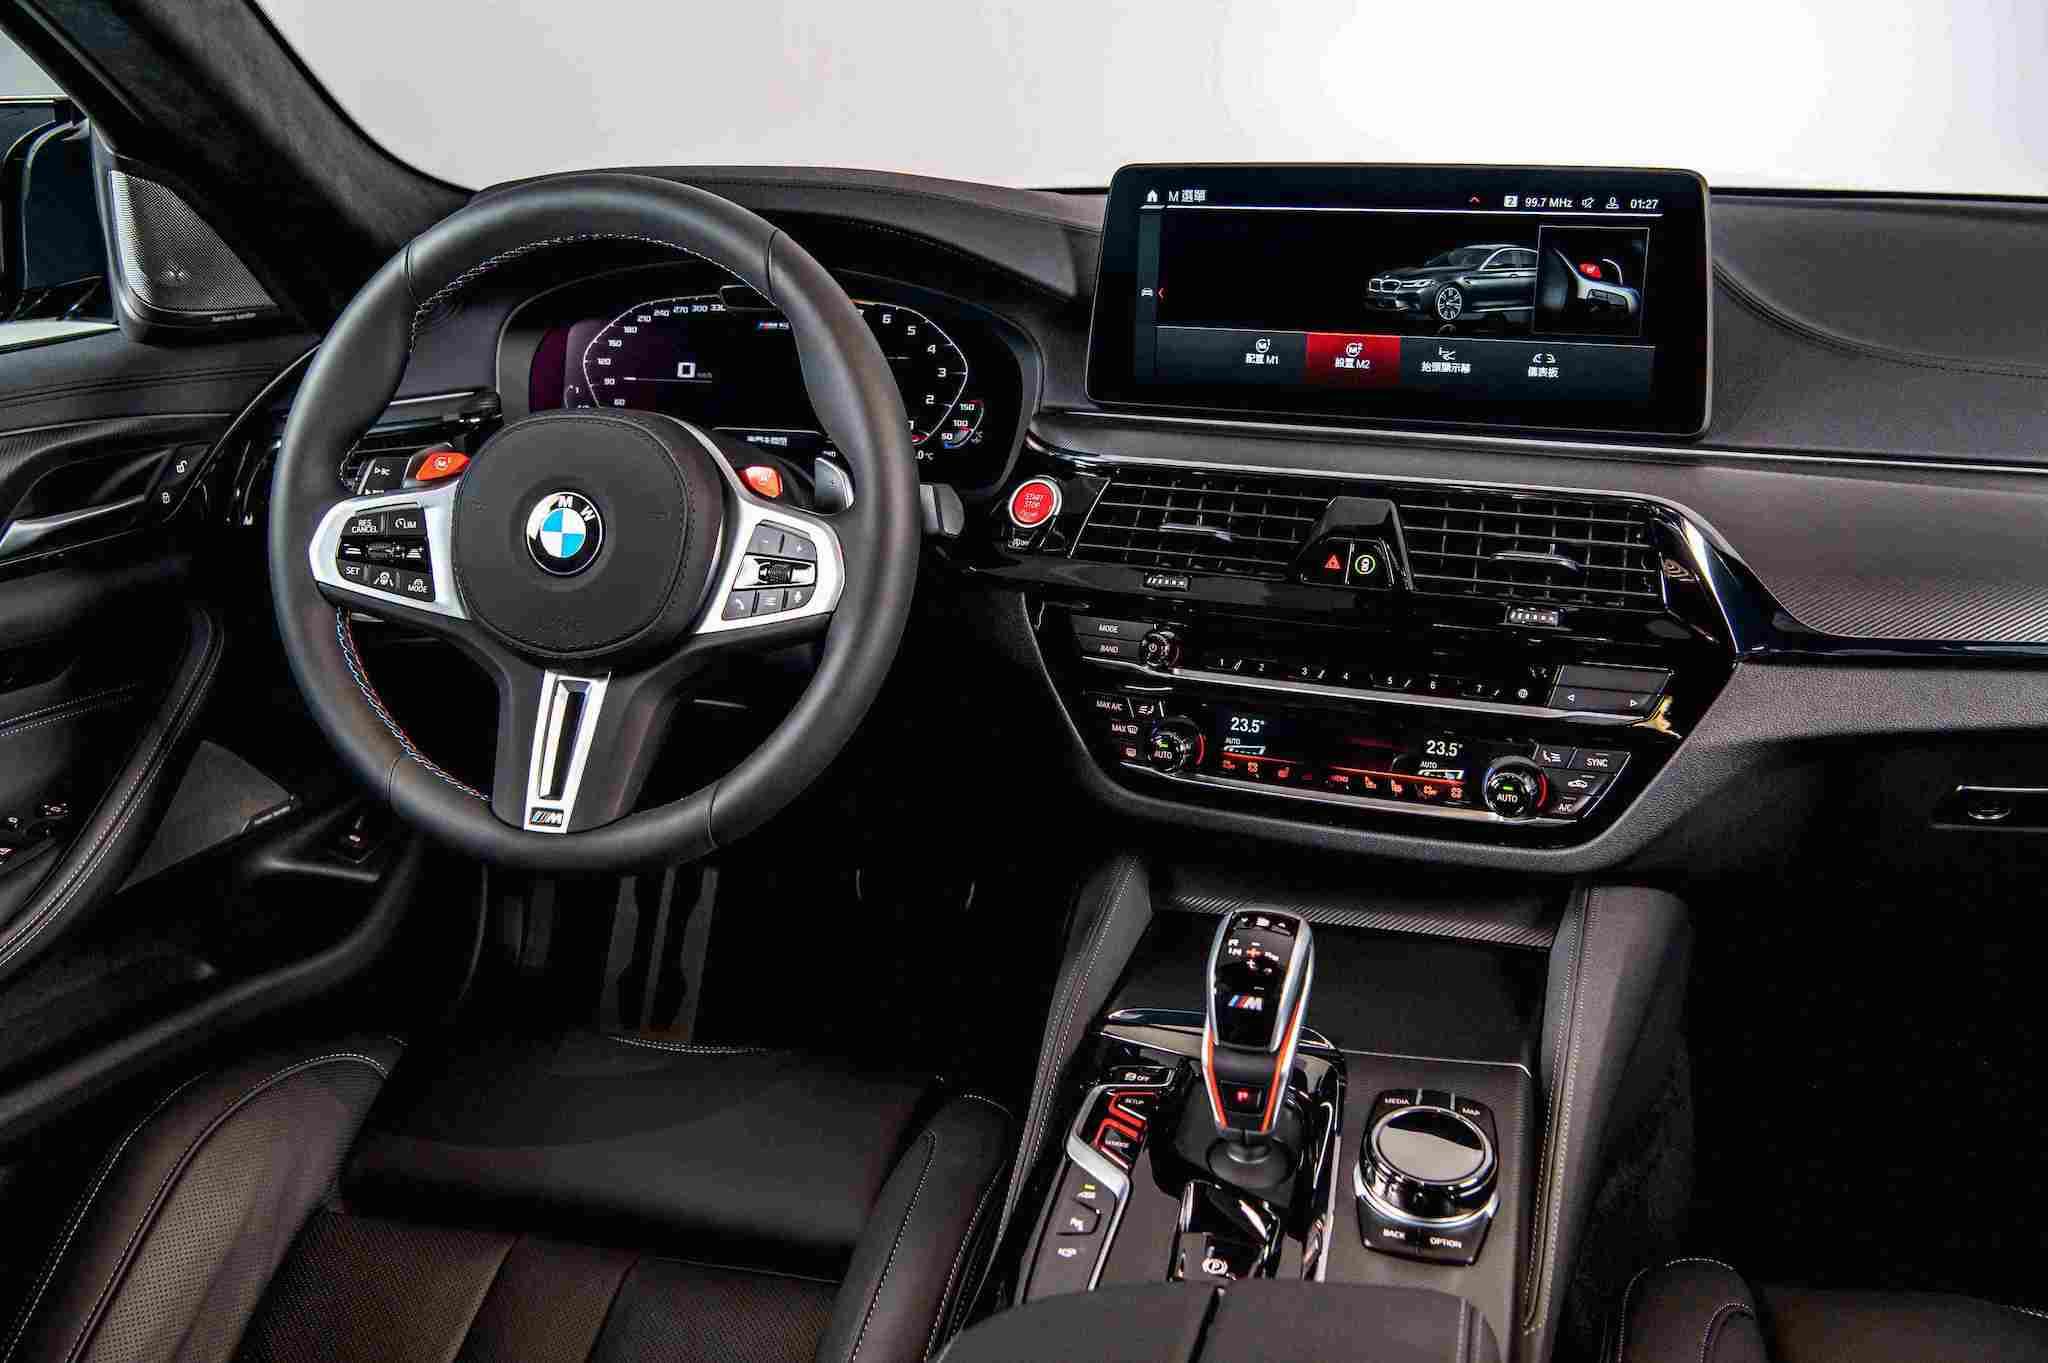 全新 BMW M5 全面升級了駕駛座艙,雙 12.3 吋虛擬數位儀錶與中控觸控螢幕。